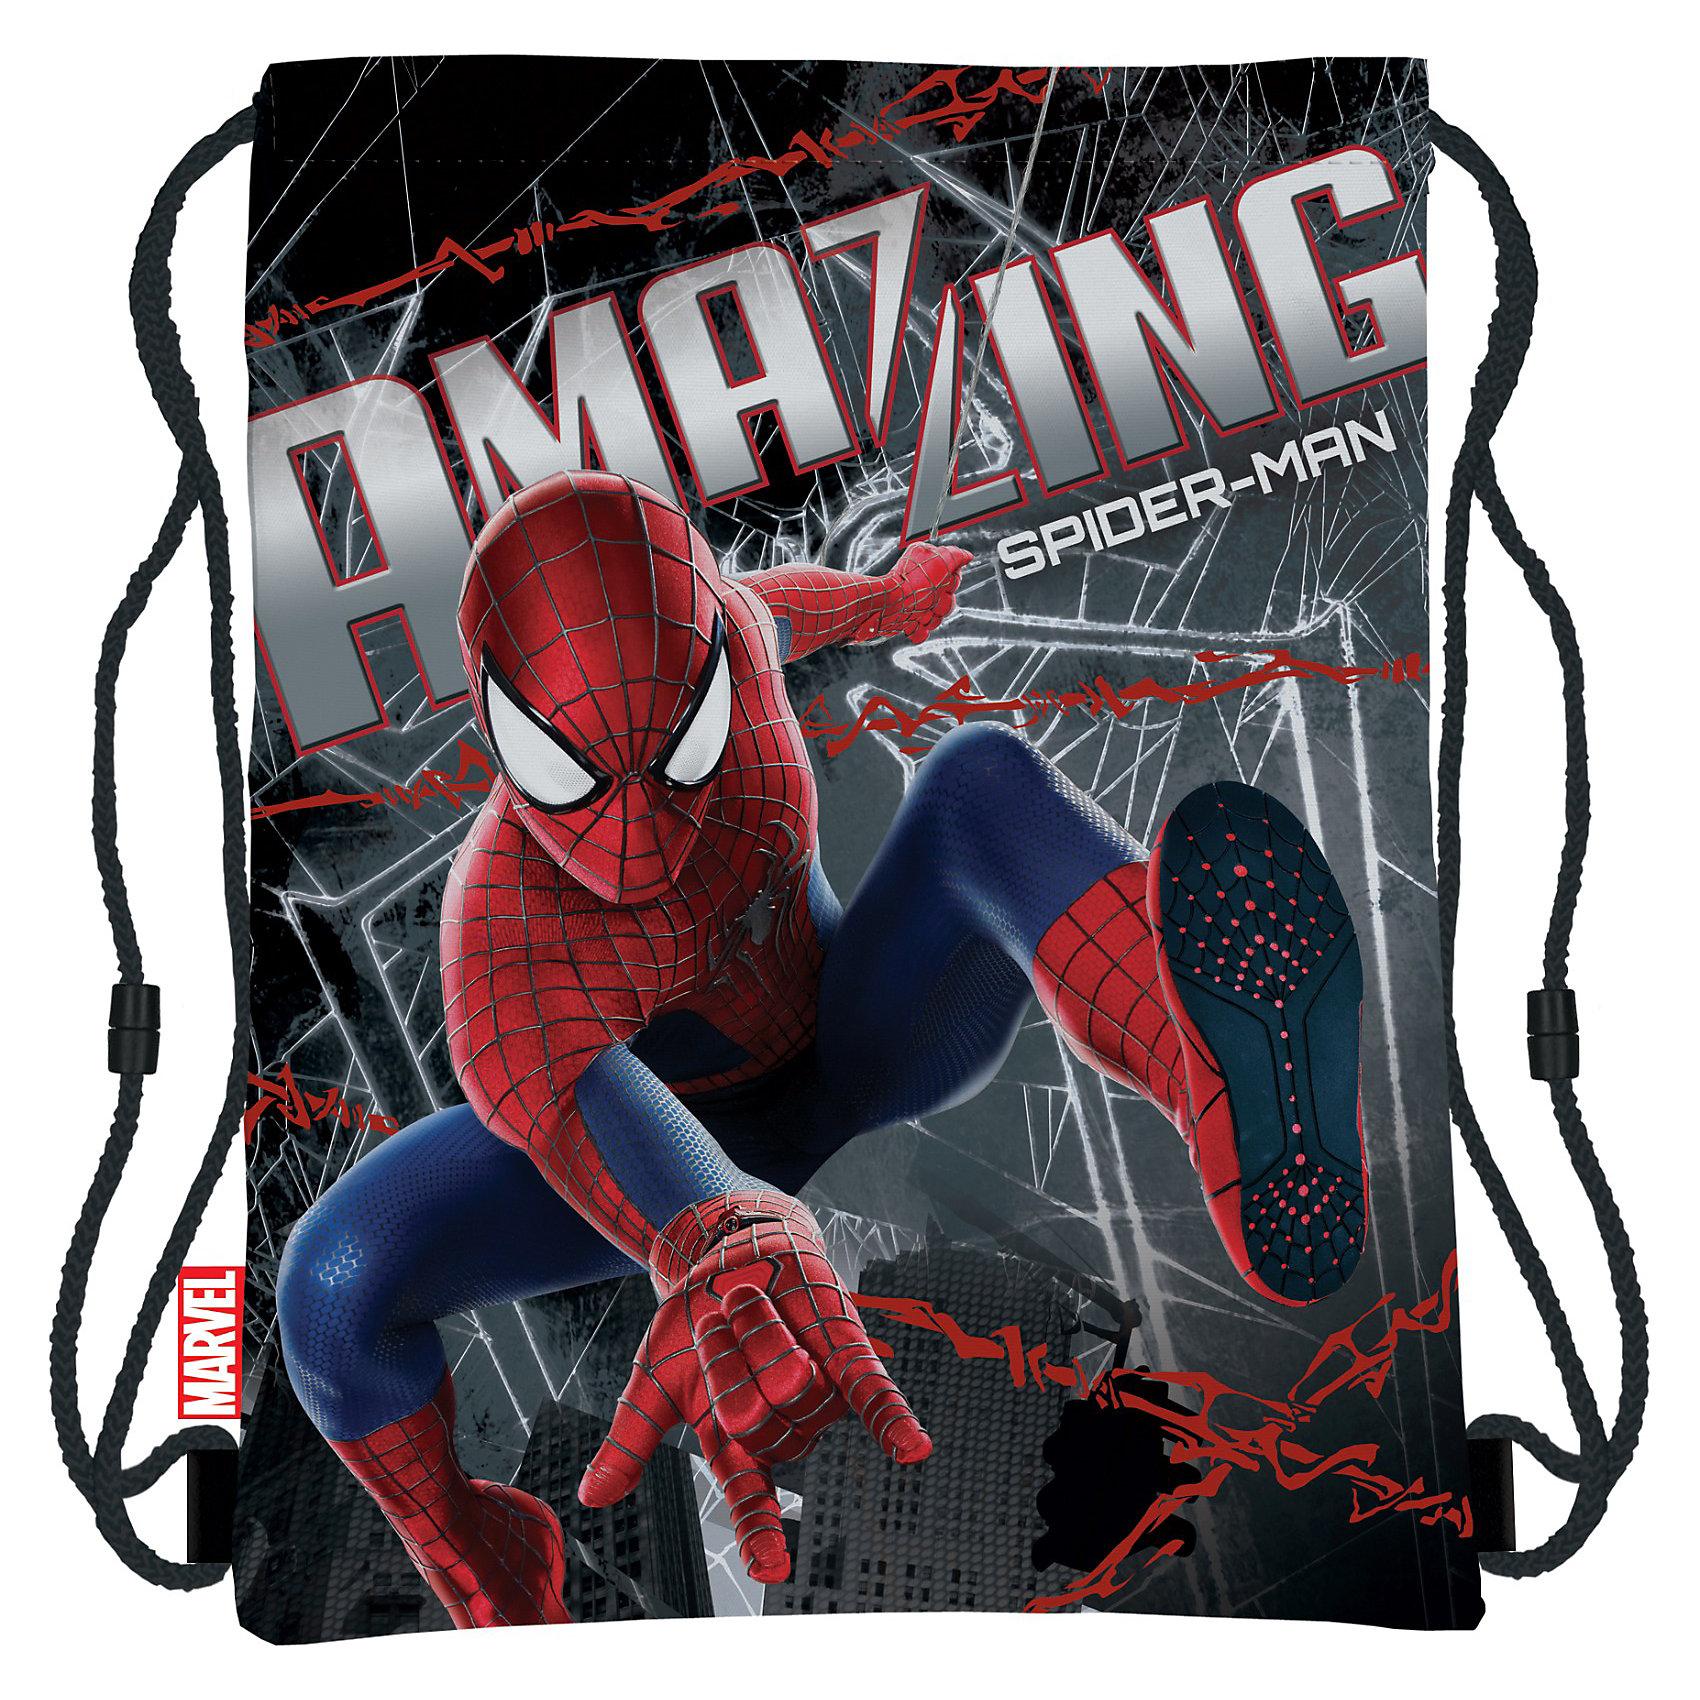 Сумка-рюкзак для обуви, Человек-ПаукСумка-рюкзак для обуви, Человек-паук — удобная вещь при необходимости брать с собой сменную обувь в школу и на спортивные занятия. В качестве завязок используются плотные шнурки, выполняющие одновременно роль лямок рюкзака.  Сумка украшена изображением любимого многими детьми героя — великолепного Человека-Паука!<br><br>Стильный аксессуар станет прекрасным подарком поклонникам Человека-Паука!<br><br>Дополнительная информация:<br><br>- Материал: полиэстер<br>- Размер: 43 х 34 см<br>- Вес: 70 г.<br><br>Сумку-рюкзак для обуви, Человек-паук (Spider-Man) можно купить в нашем интернет-магазине.<br><br>Ширина мм: 20<br>Глубина мм: 400<br>Высота мм: 340<br>Вес г: 710<br>Возраст от месяцев: 48<br>Возраст до месяцев: 84<br>Пол: Мужской<br>Возраст: Детский<br>SKU: 3563067